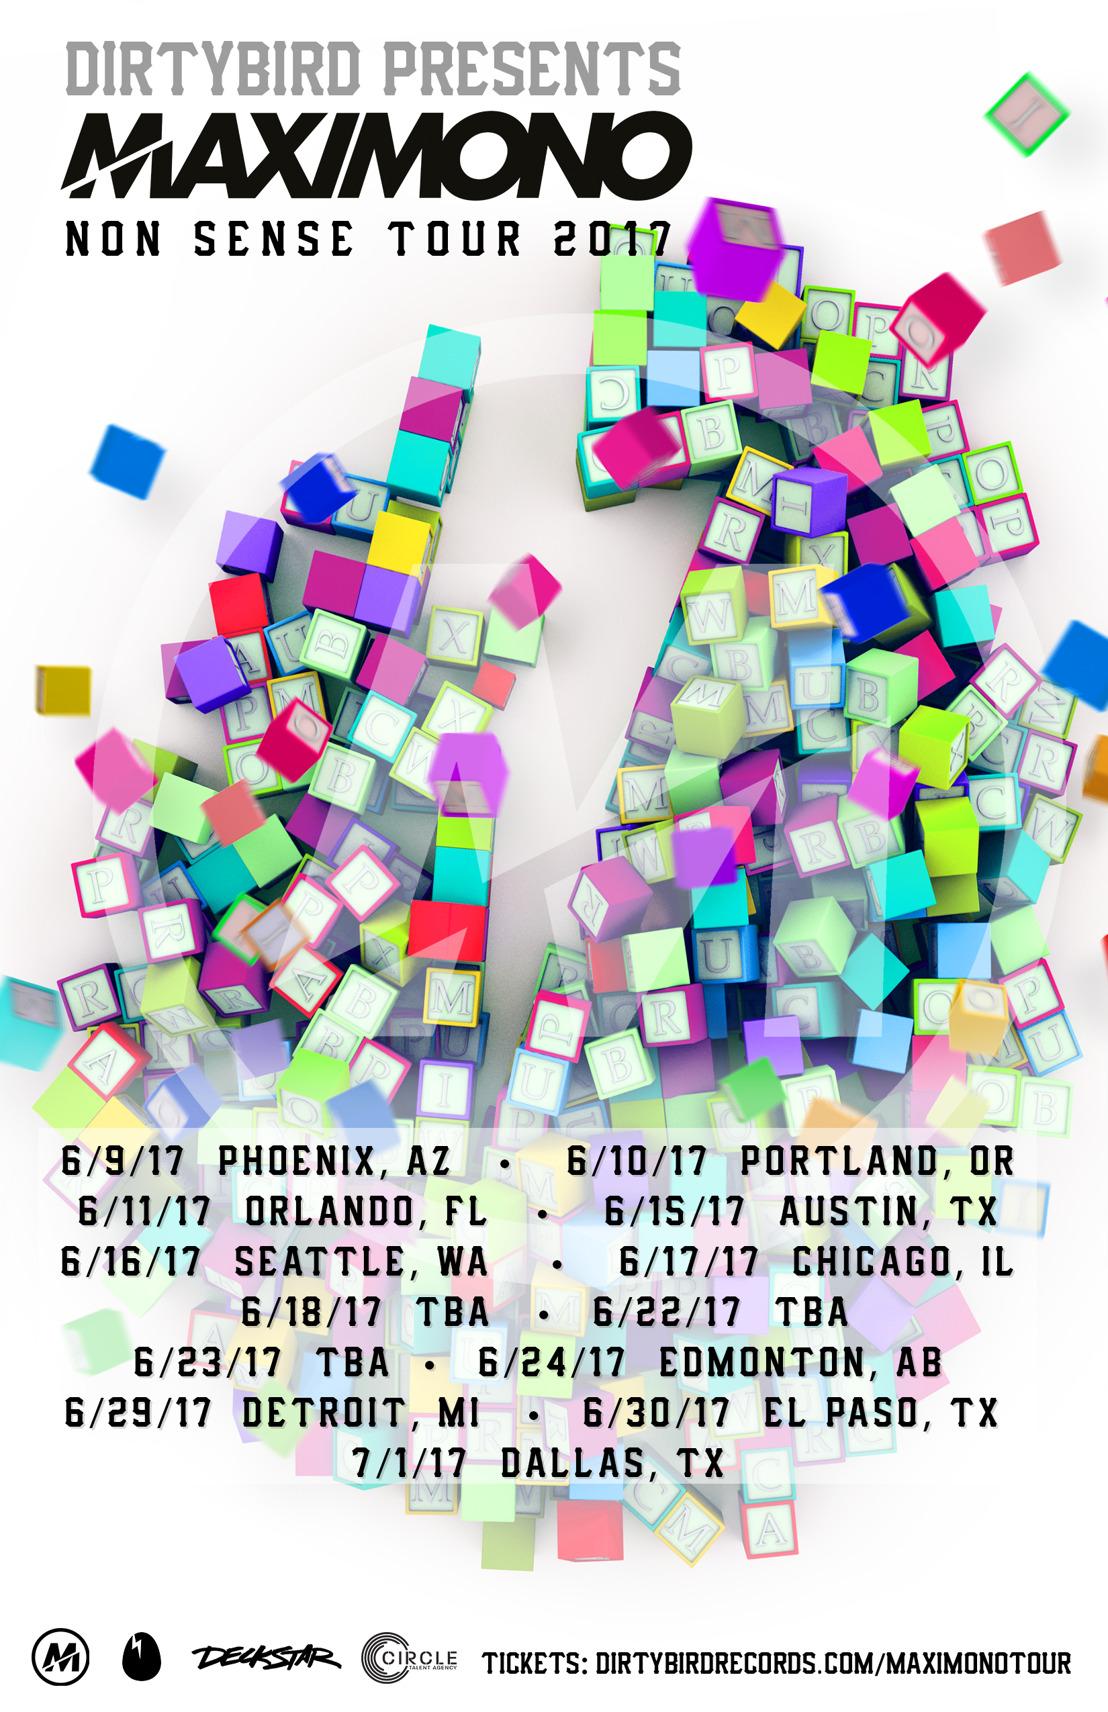 Maximono Embarks on Non Sense Tour Presented by DIRTYBIRD